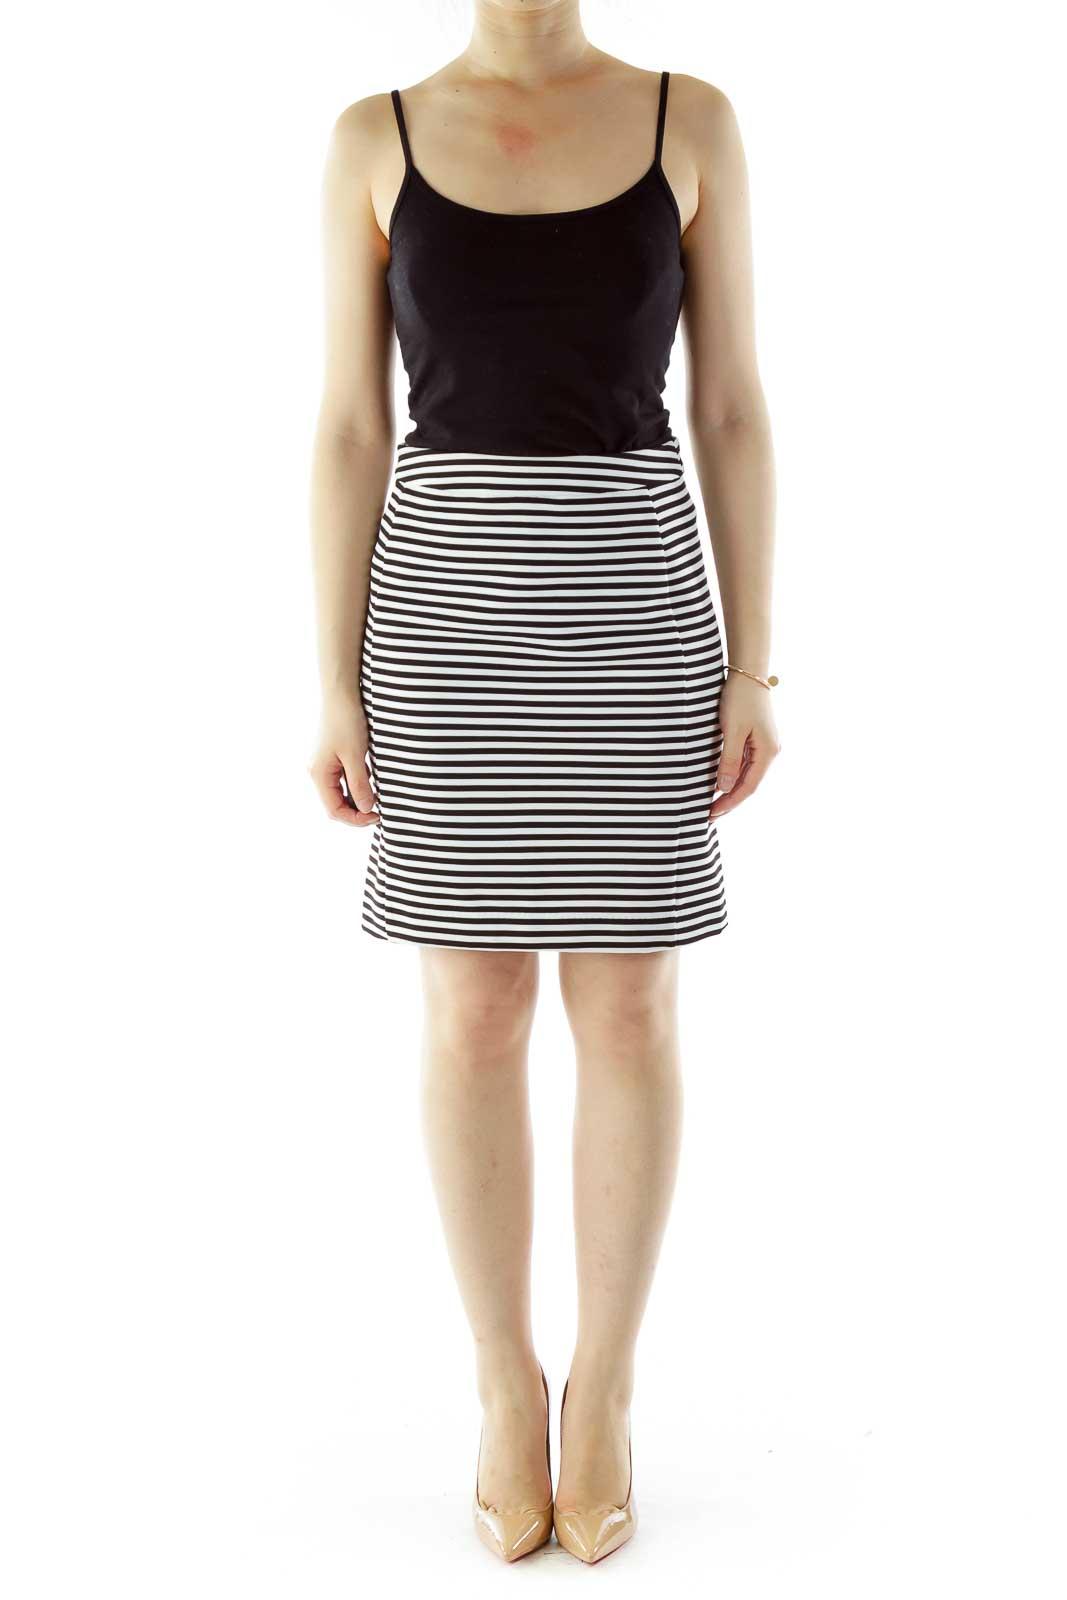 Black White Striped Textured Skirt